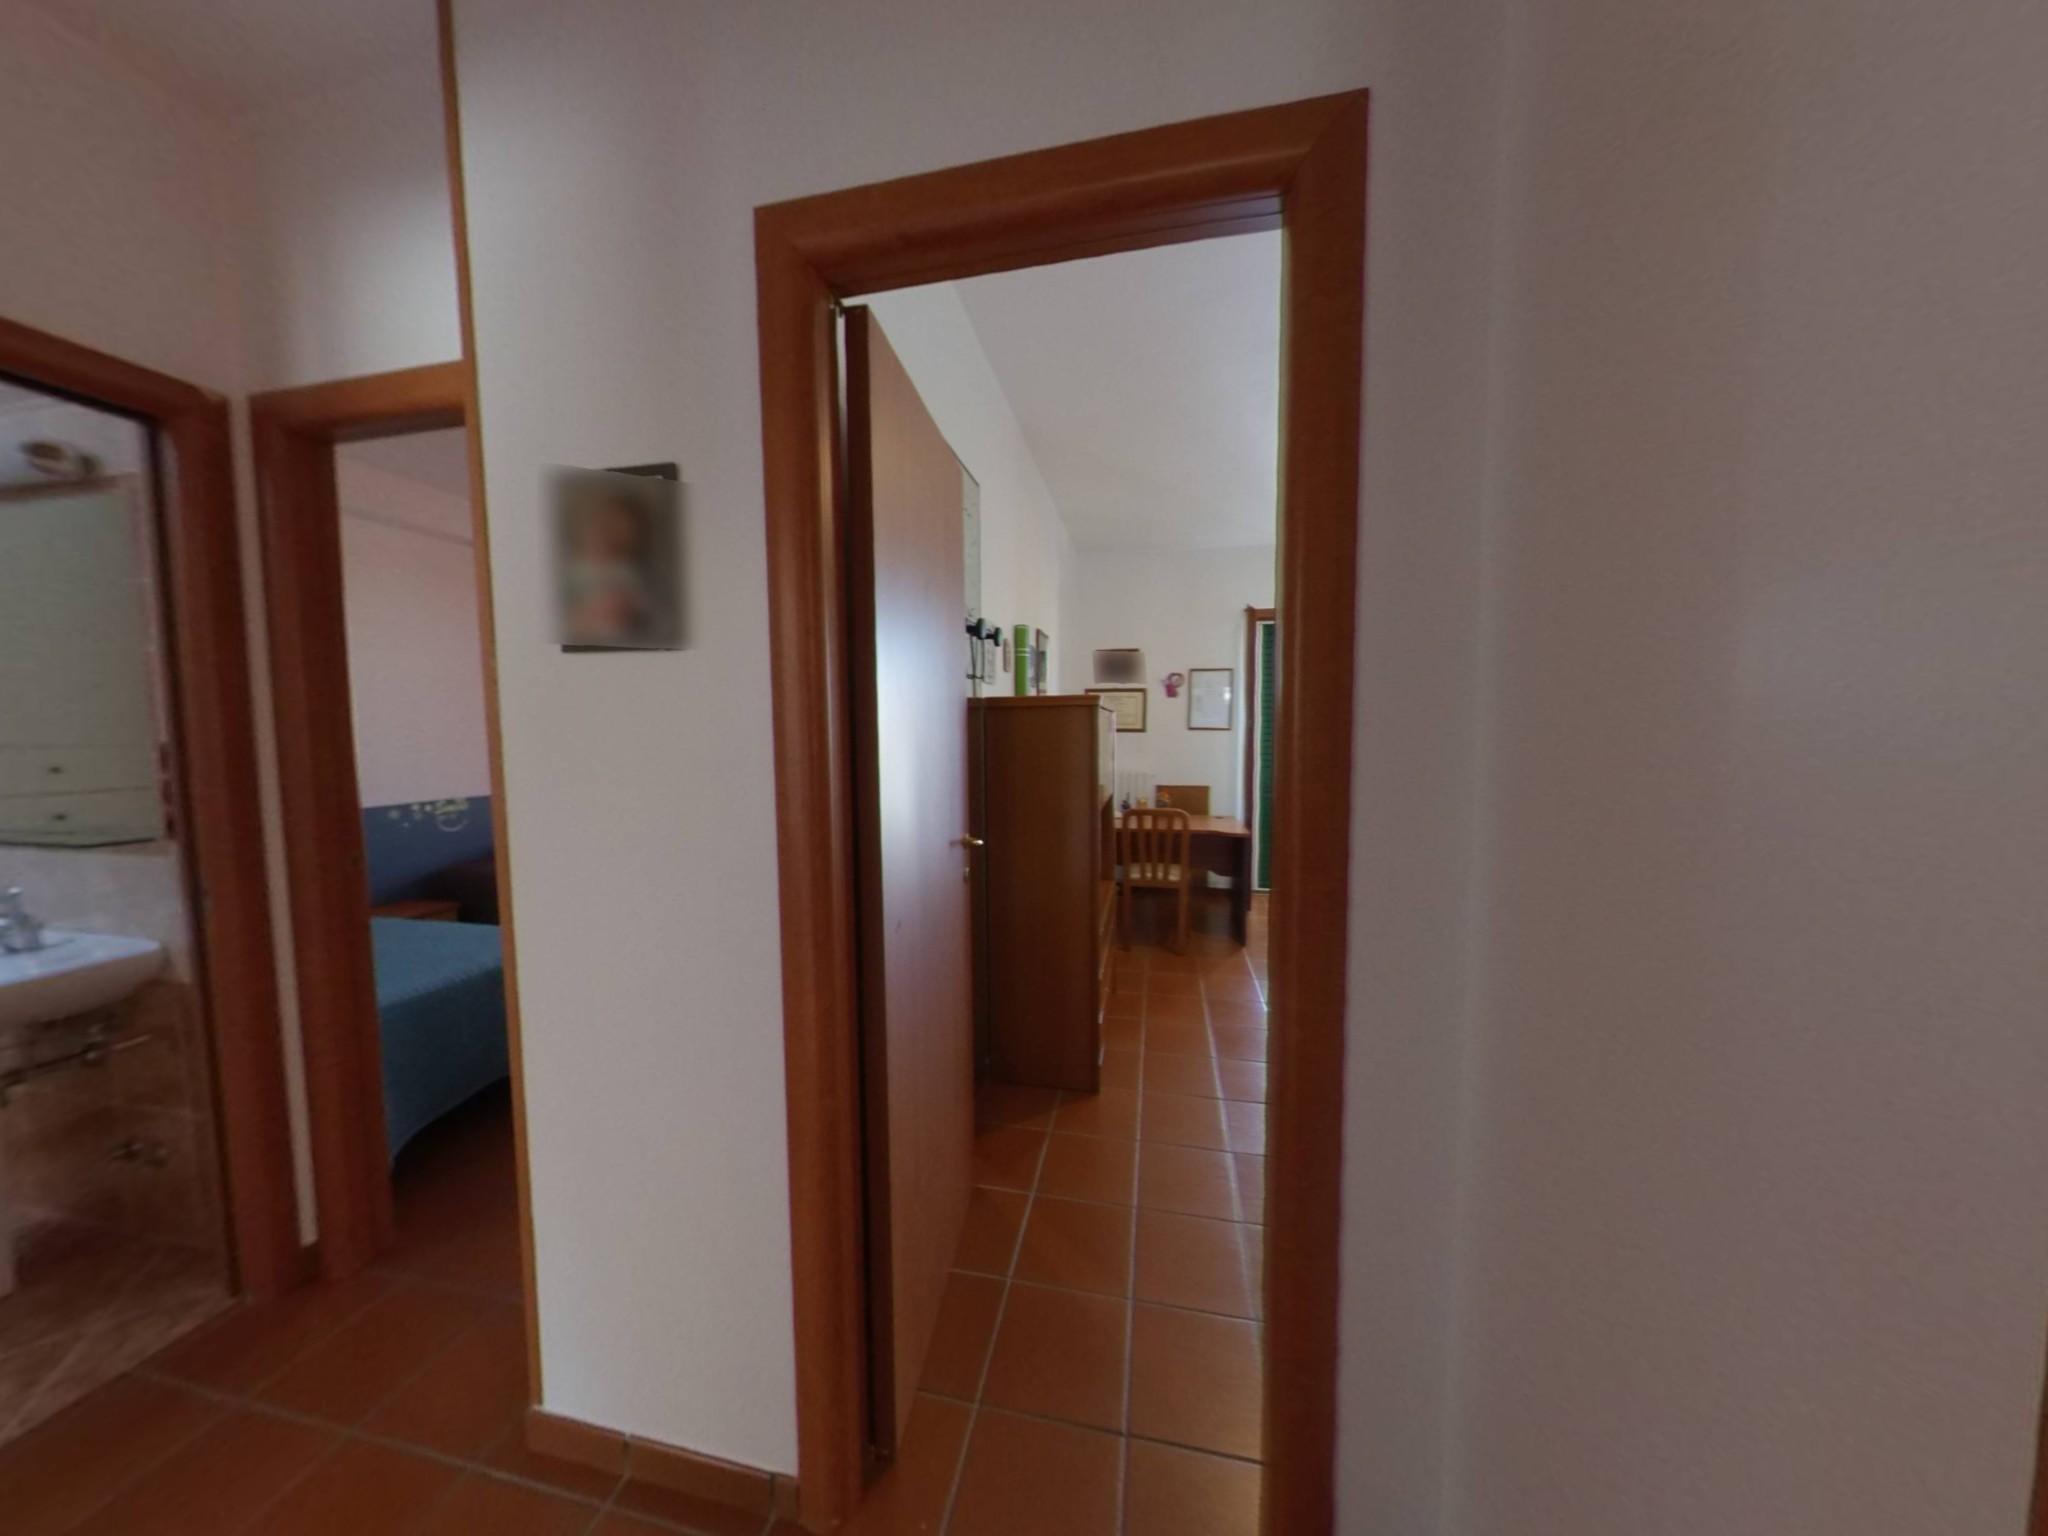 corridoio_3_1a5830